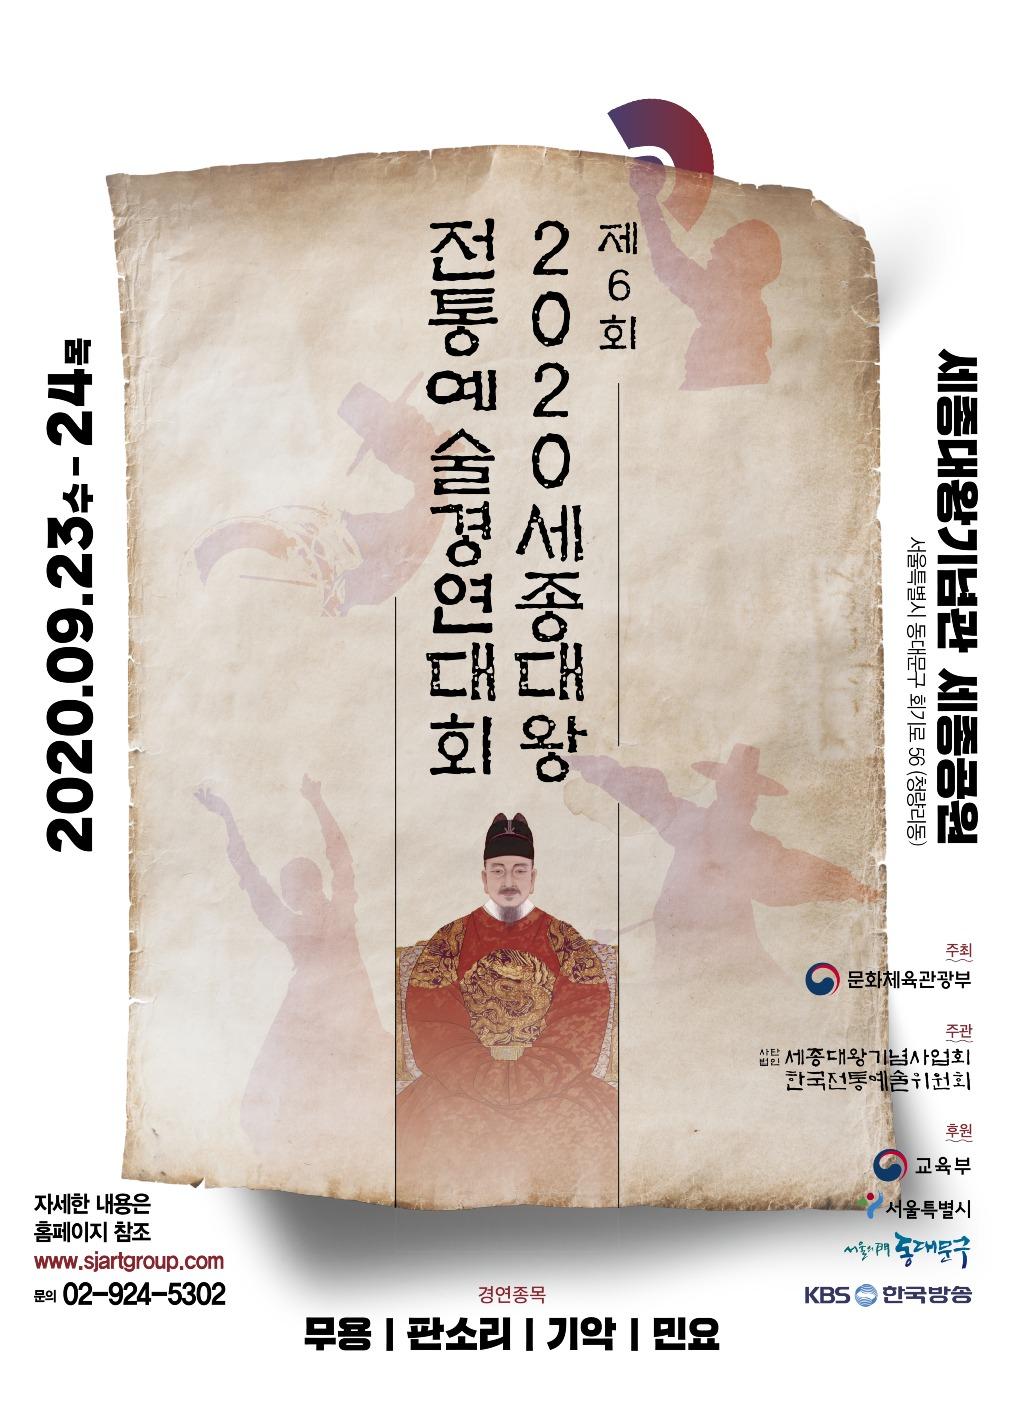 2020 세종대왕전통예술경연대회 포스터_200721.jpg